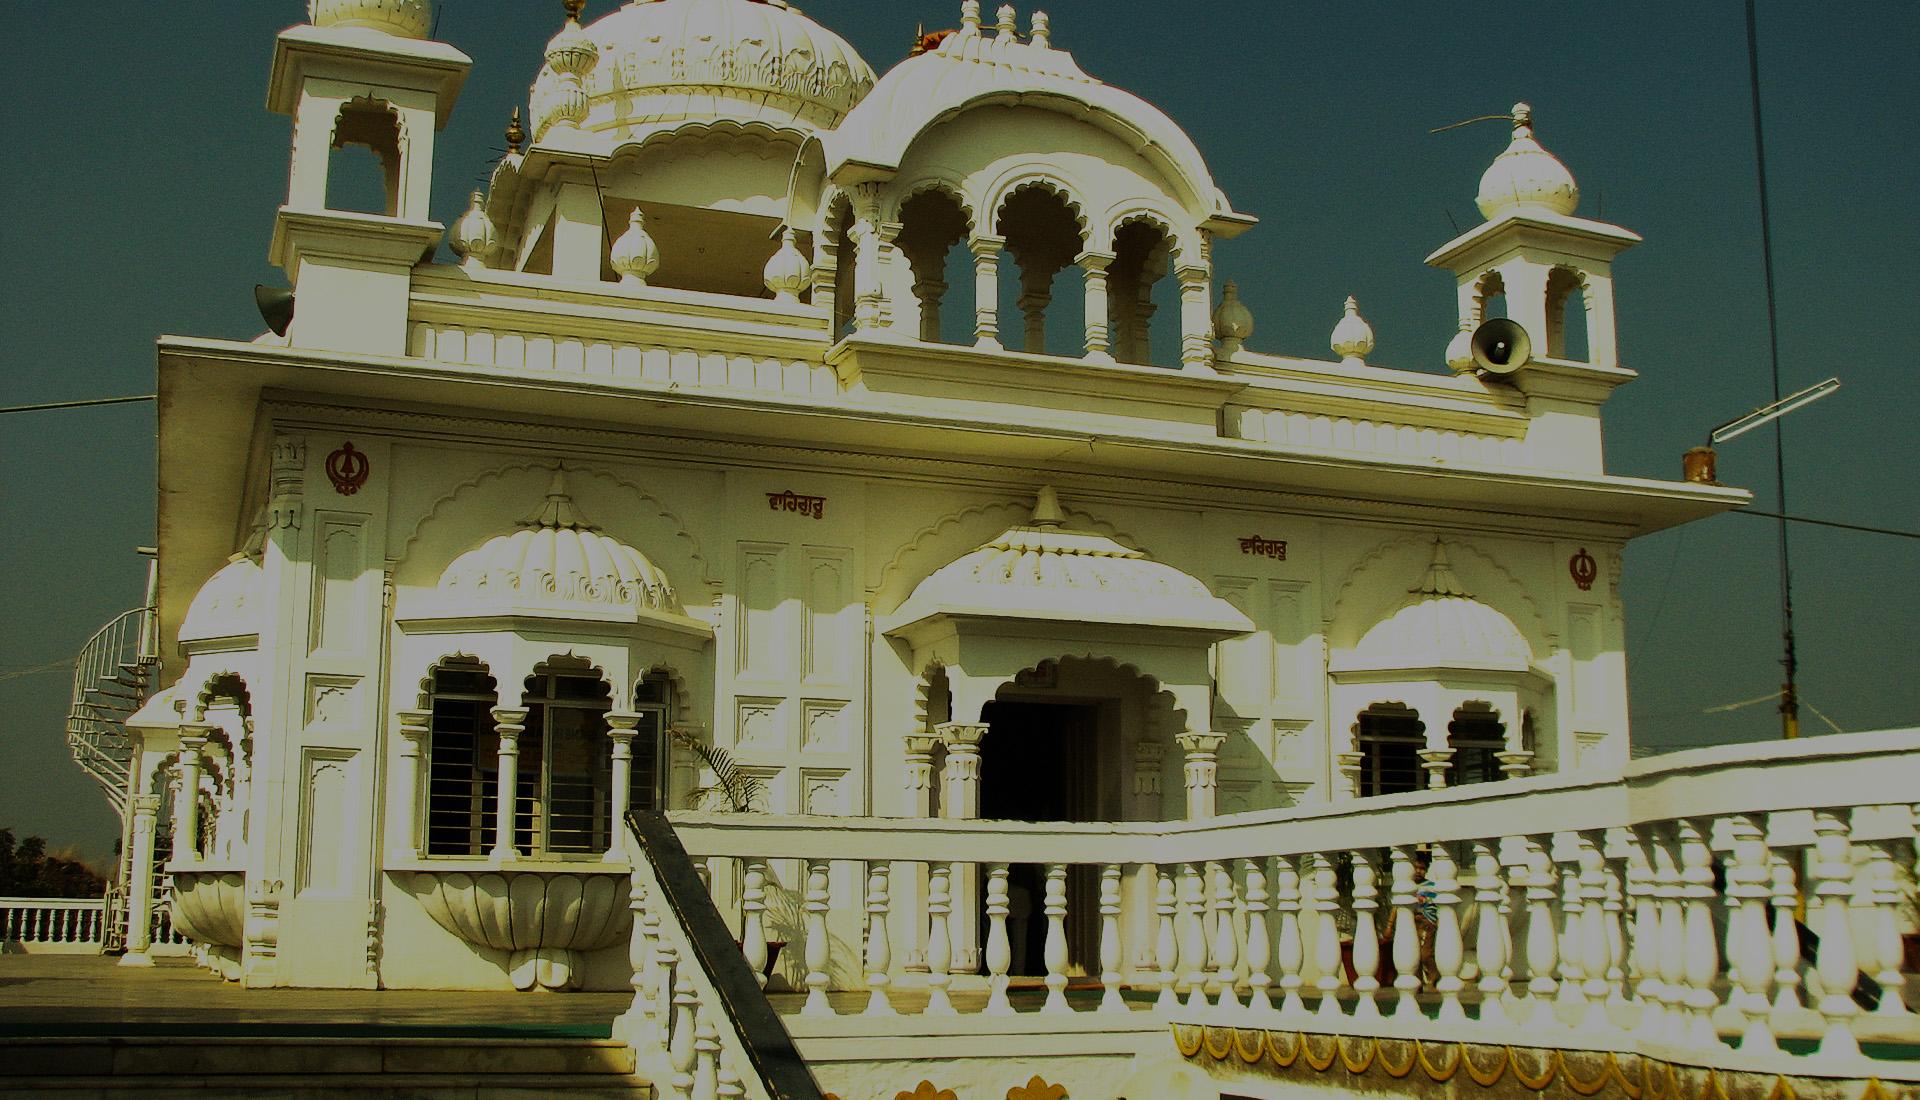 ಗುರುದ್ವಾರ ಟ್ಯಾಪ್ ಅಸ್ತಾನ್ ಮೈ ಭಾಗೊ